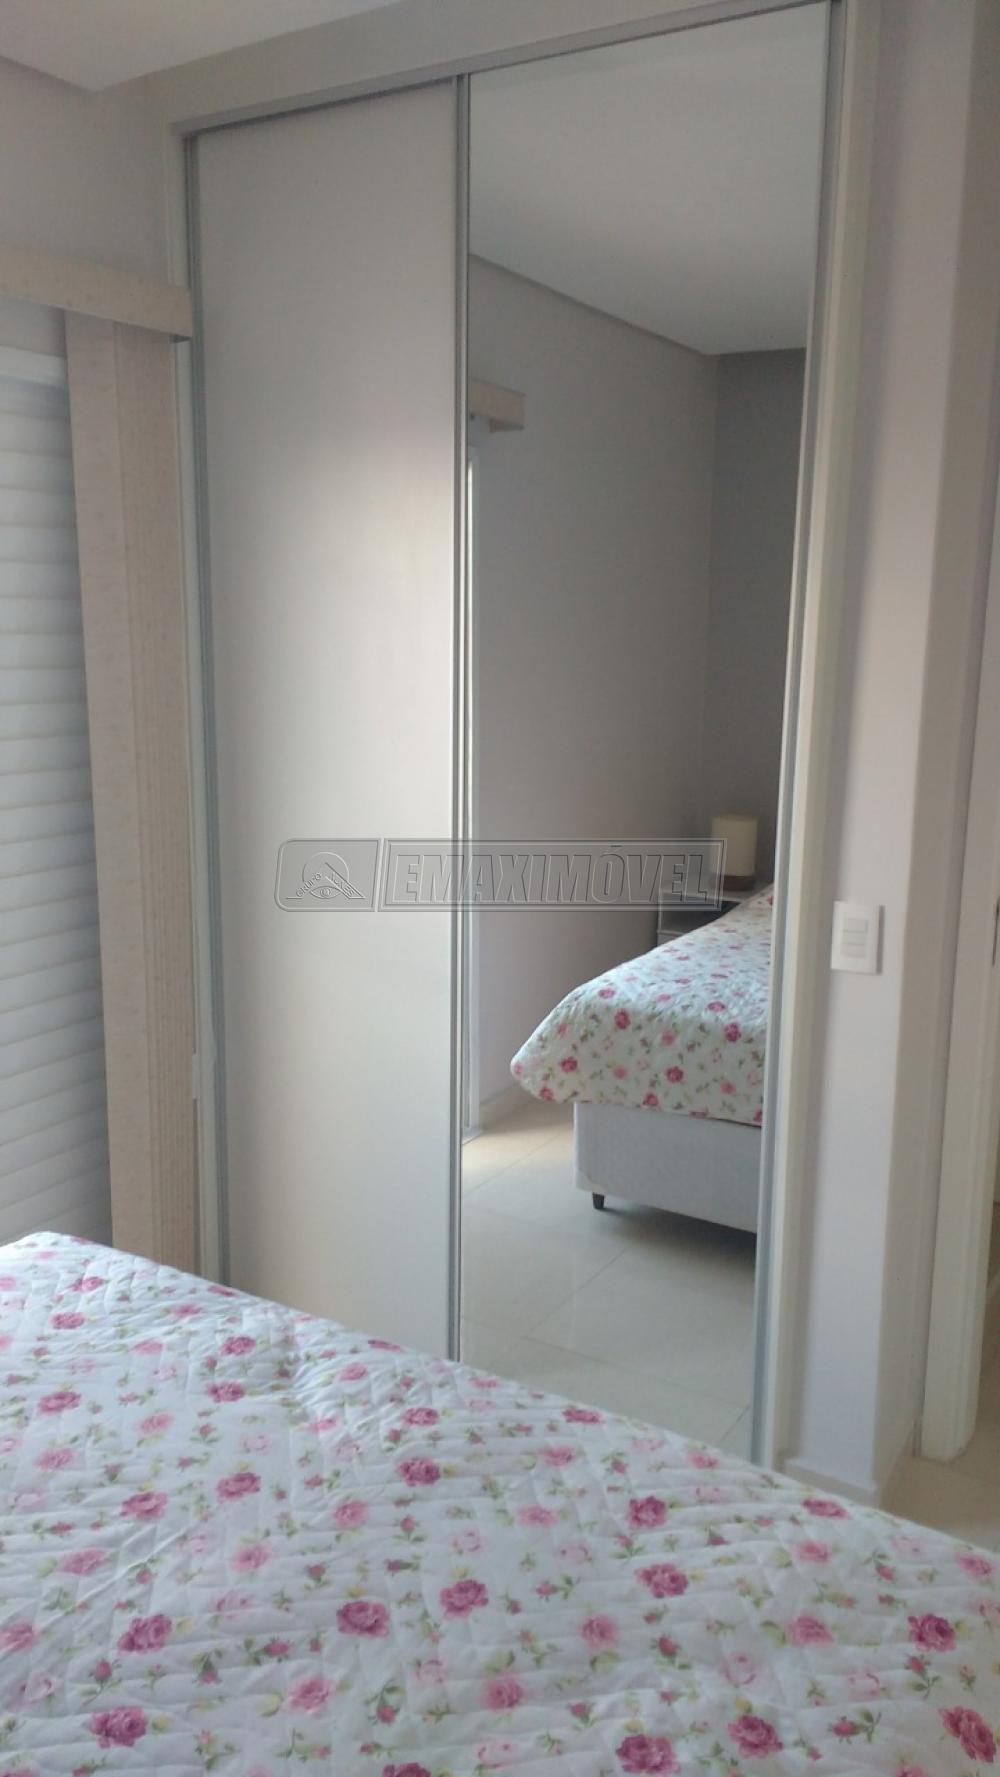 Comprar Apartamento / Padrão em Sorocaba R$ 230.000,00 - Foto 11